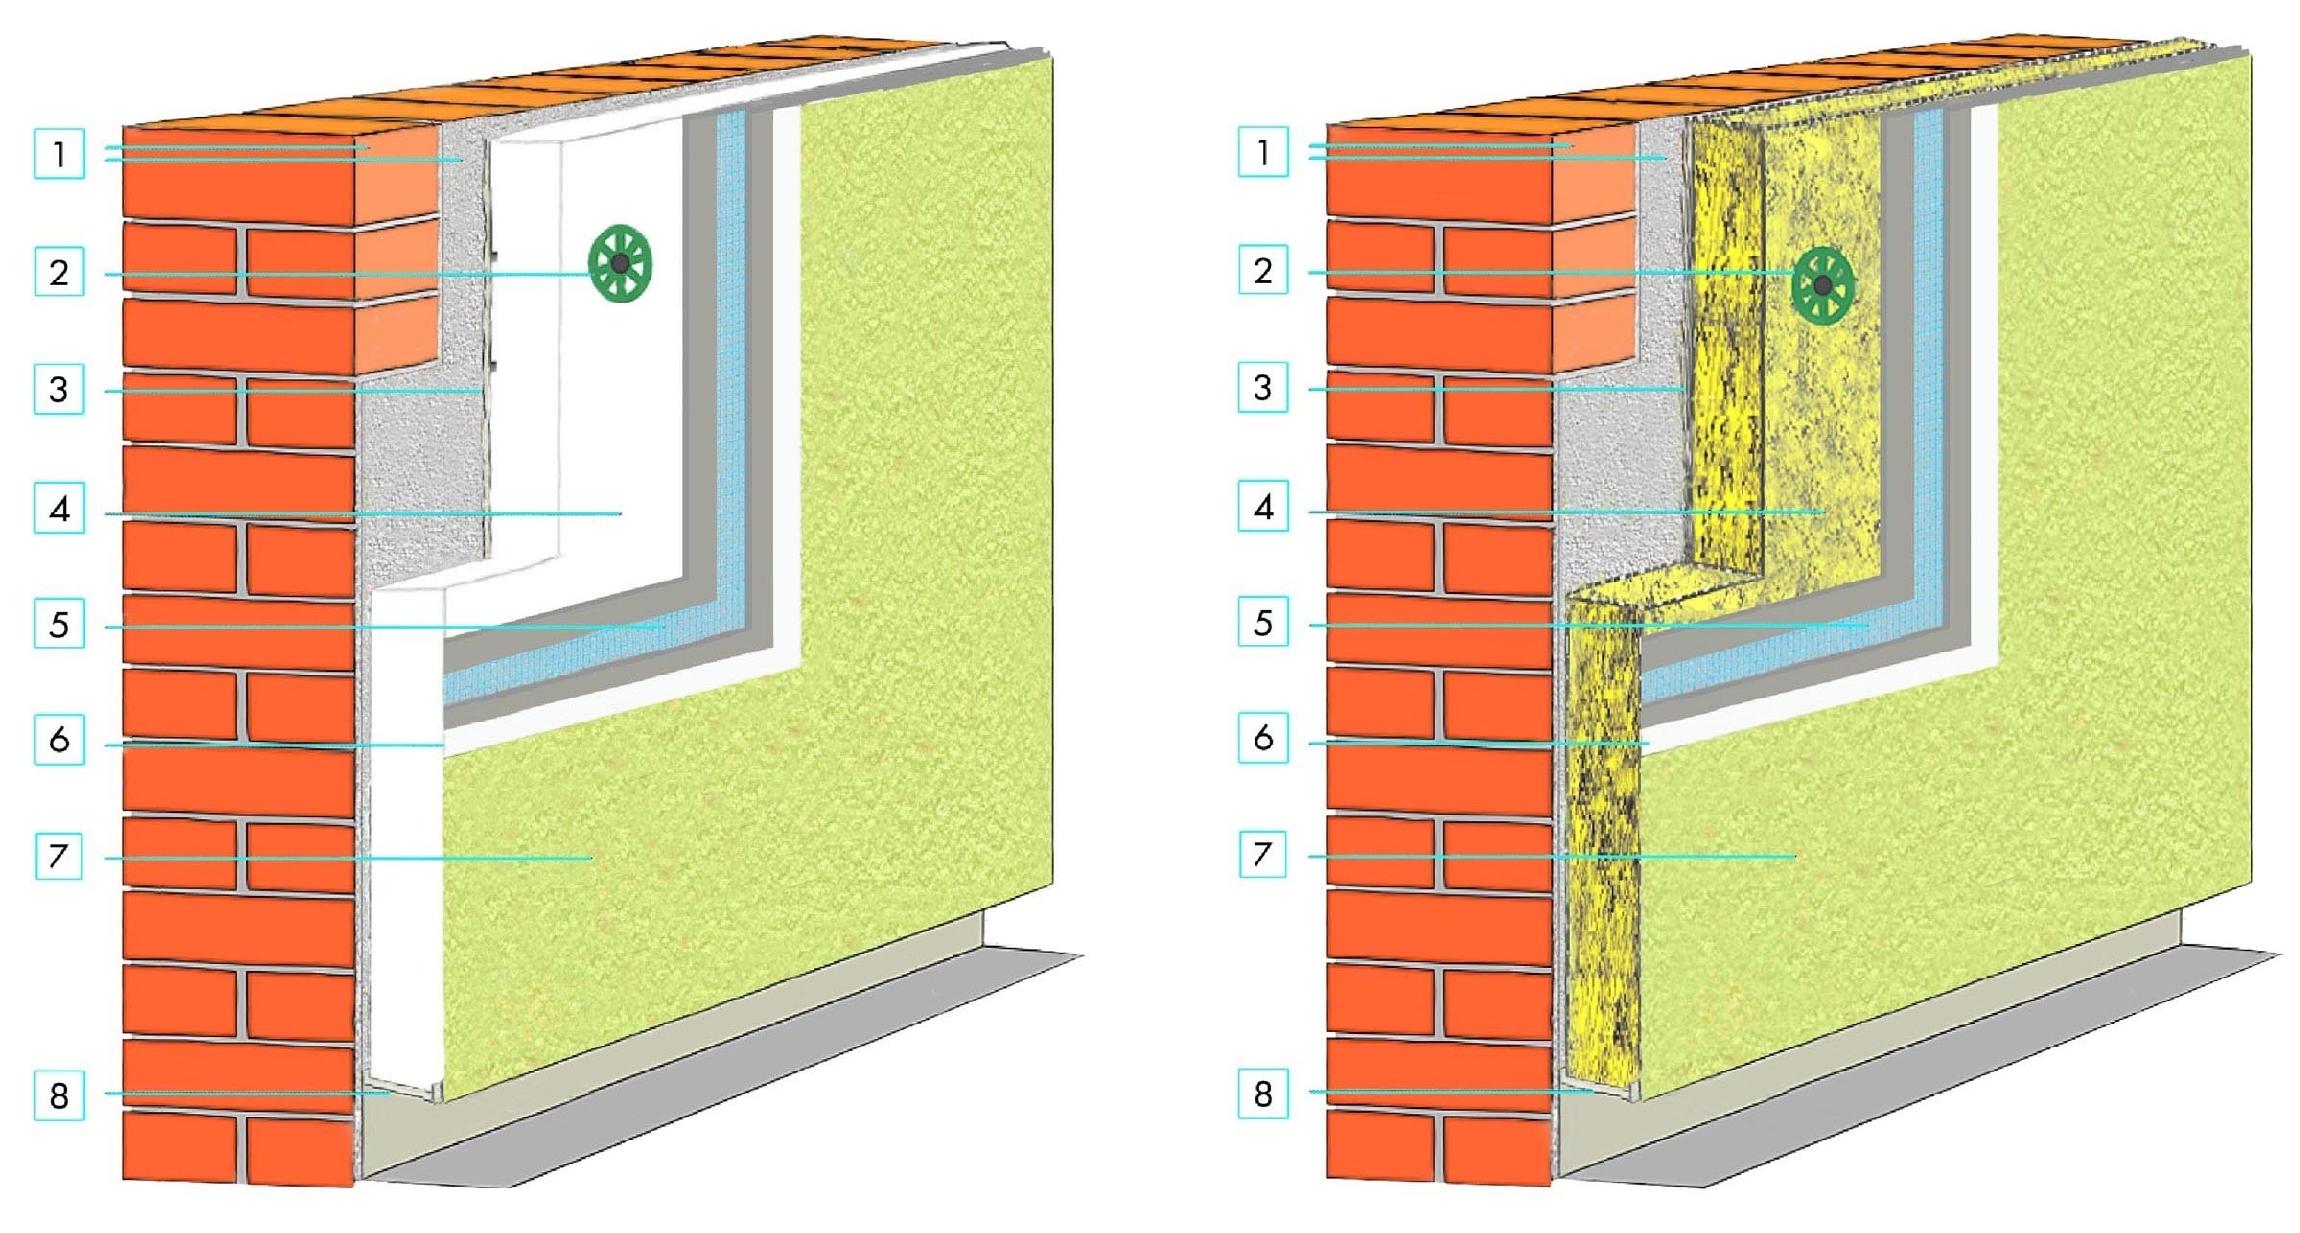 Утепление стен и фасадов многоквартирных домов: цена, разрешение, материалы и технологии